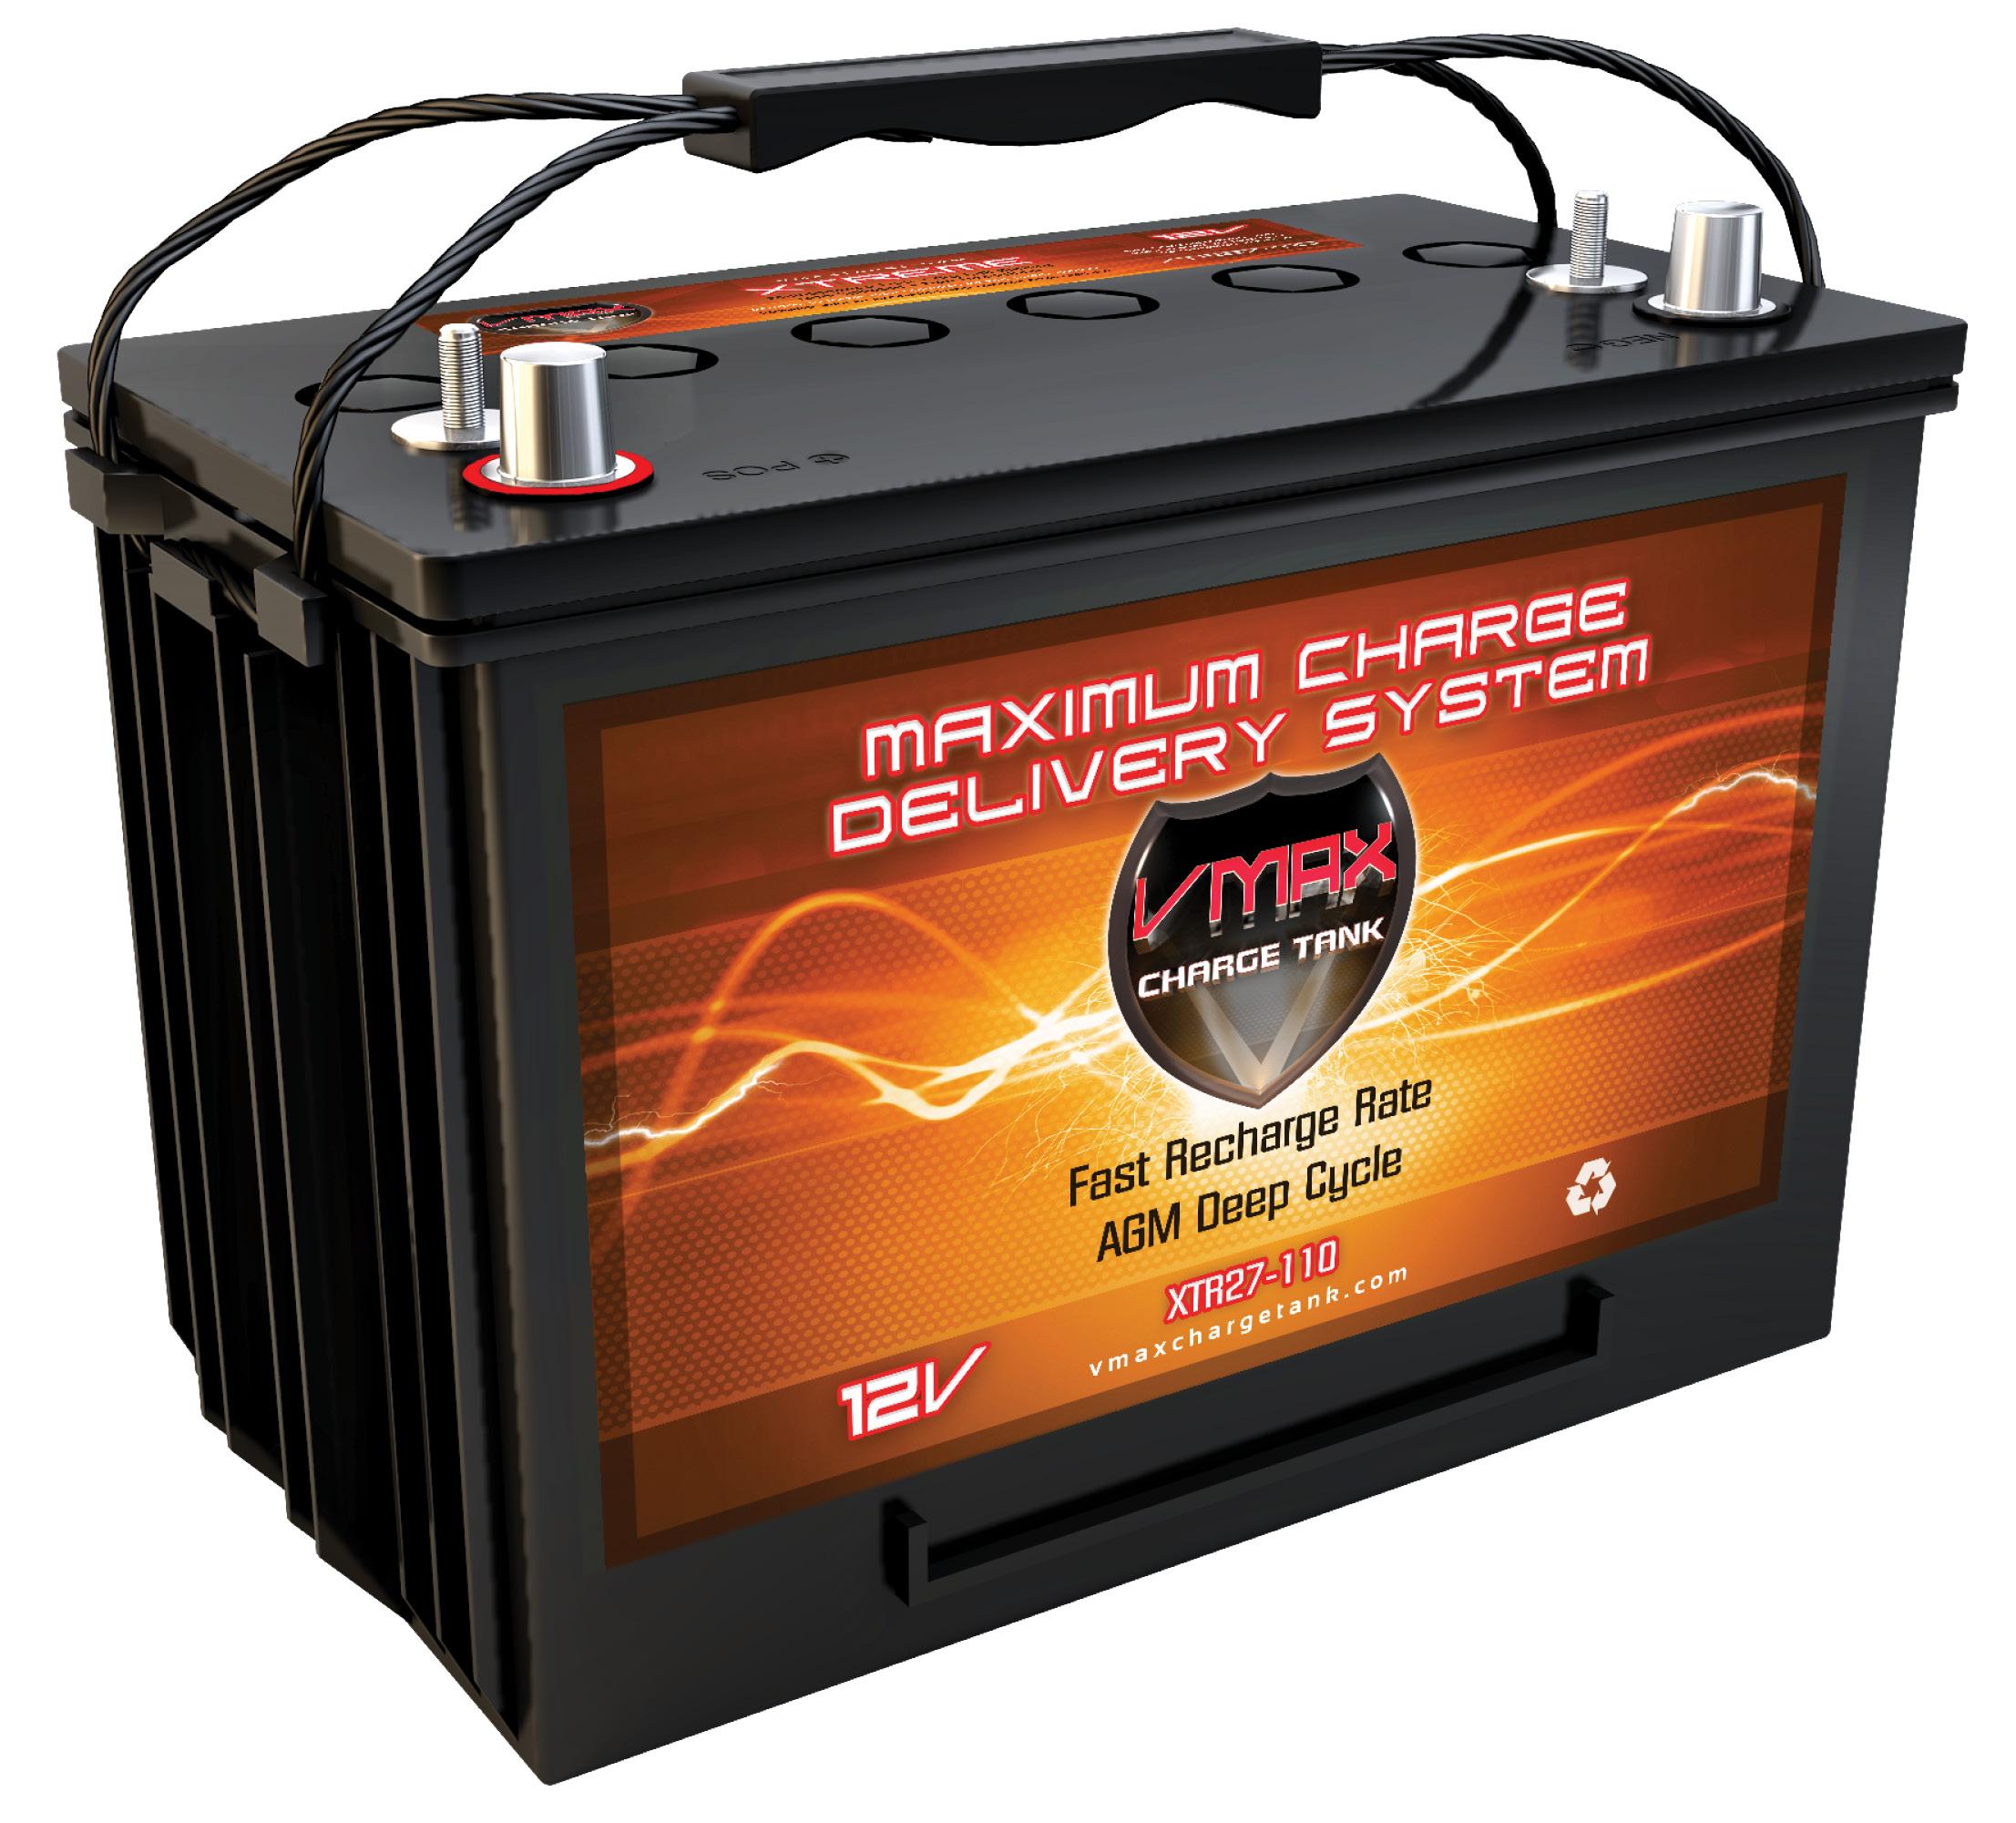 VMAX XTR27-110 12V 100Ah Group 27 AGM Battery for Minn Ko...